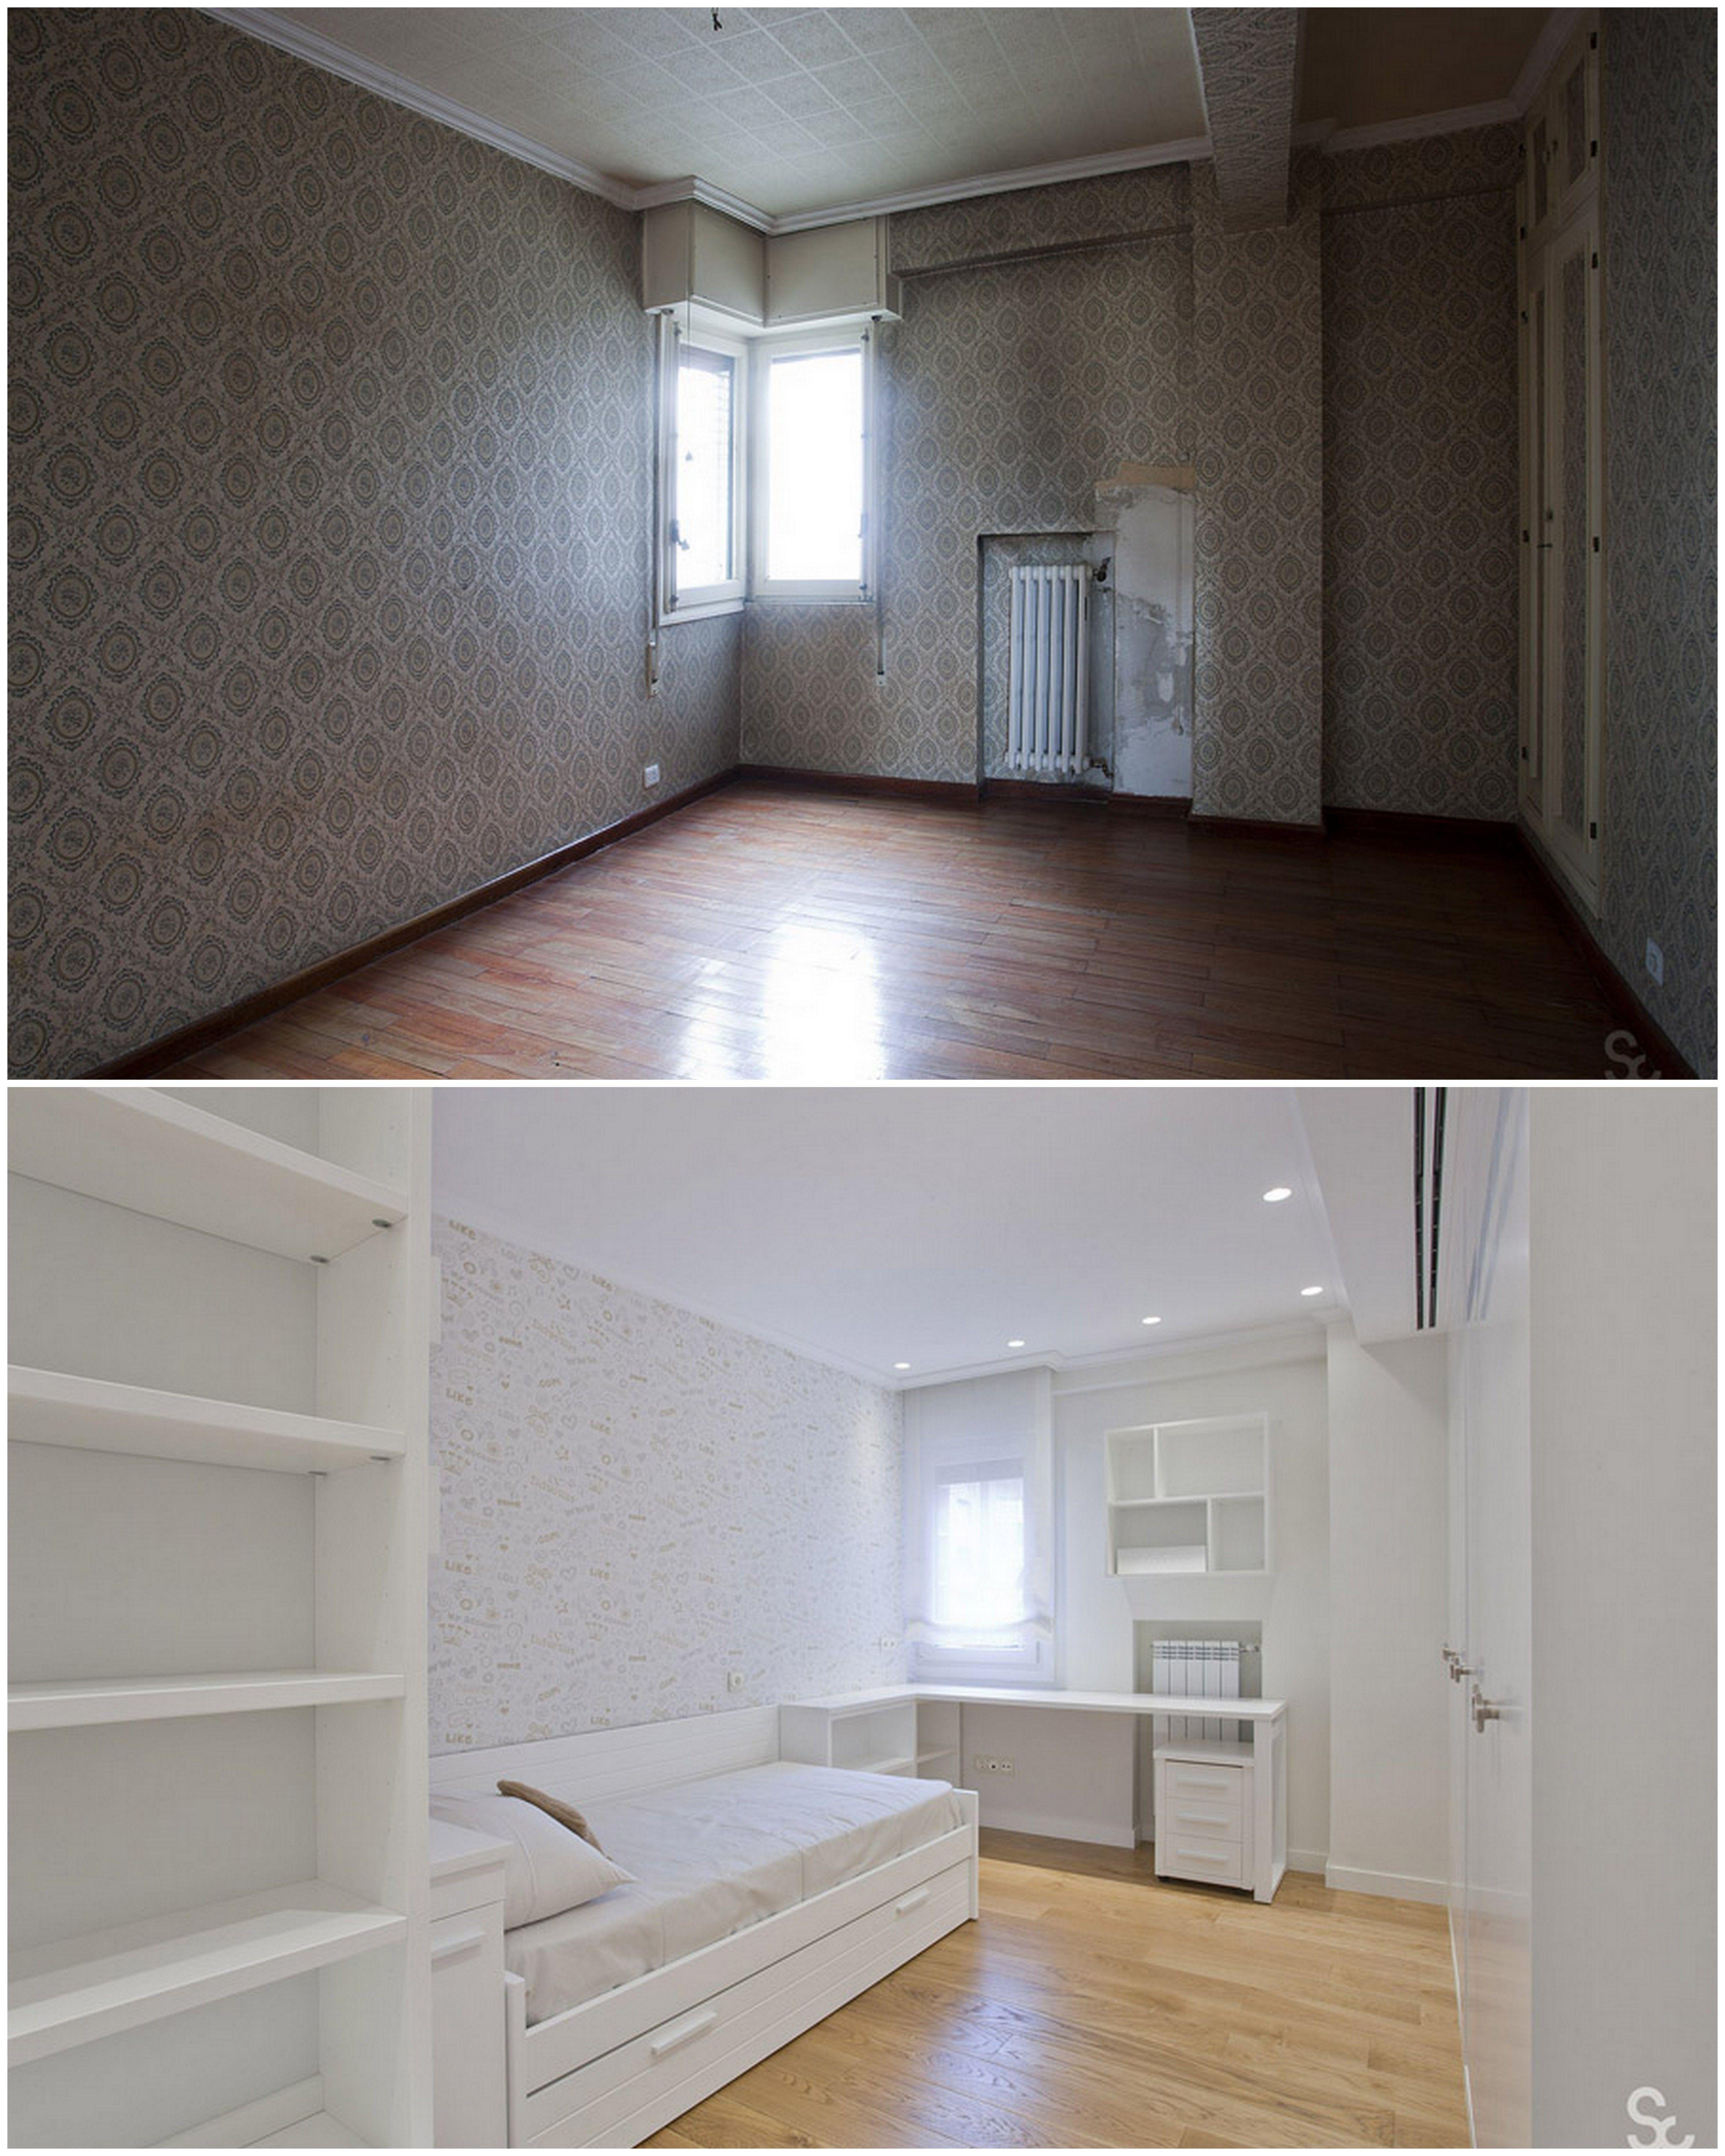 Antes y despu s de la reforma realizada por servicons - El dormitorio pamplona ...